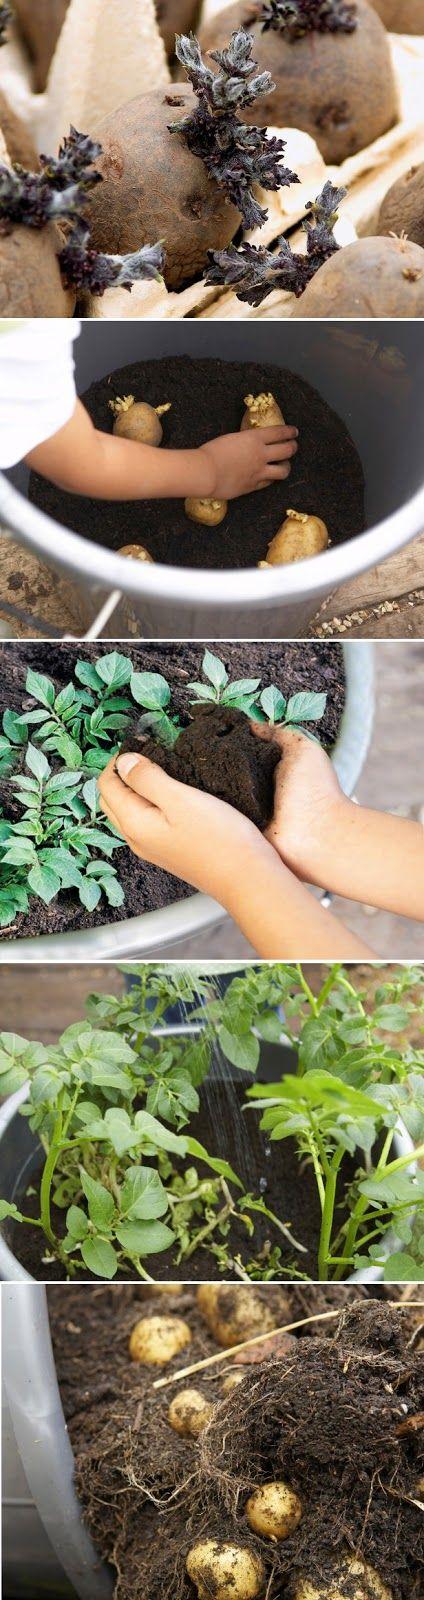 Comment faire pousser des pommes de terre dans les pots - Faire pousser citronnier ...